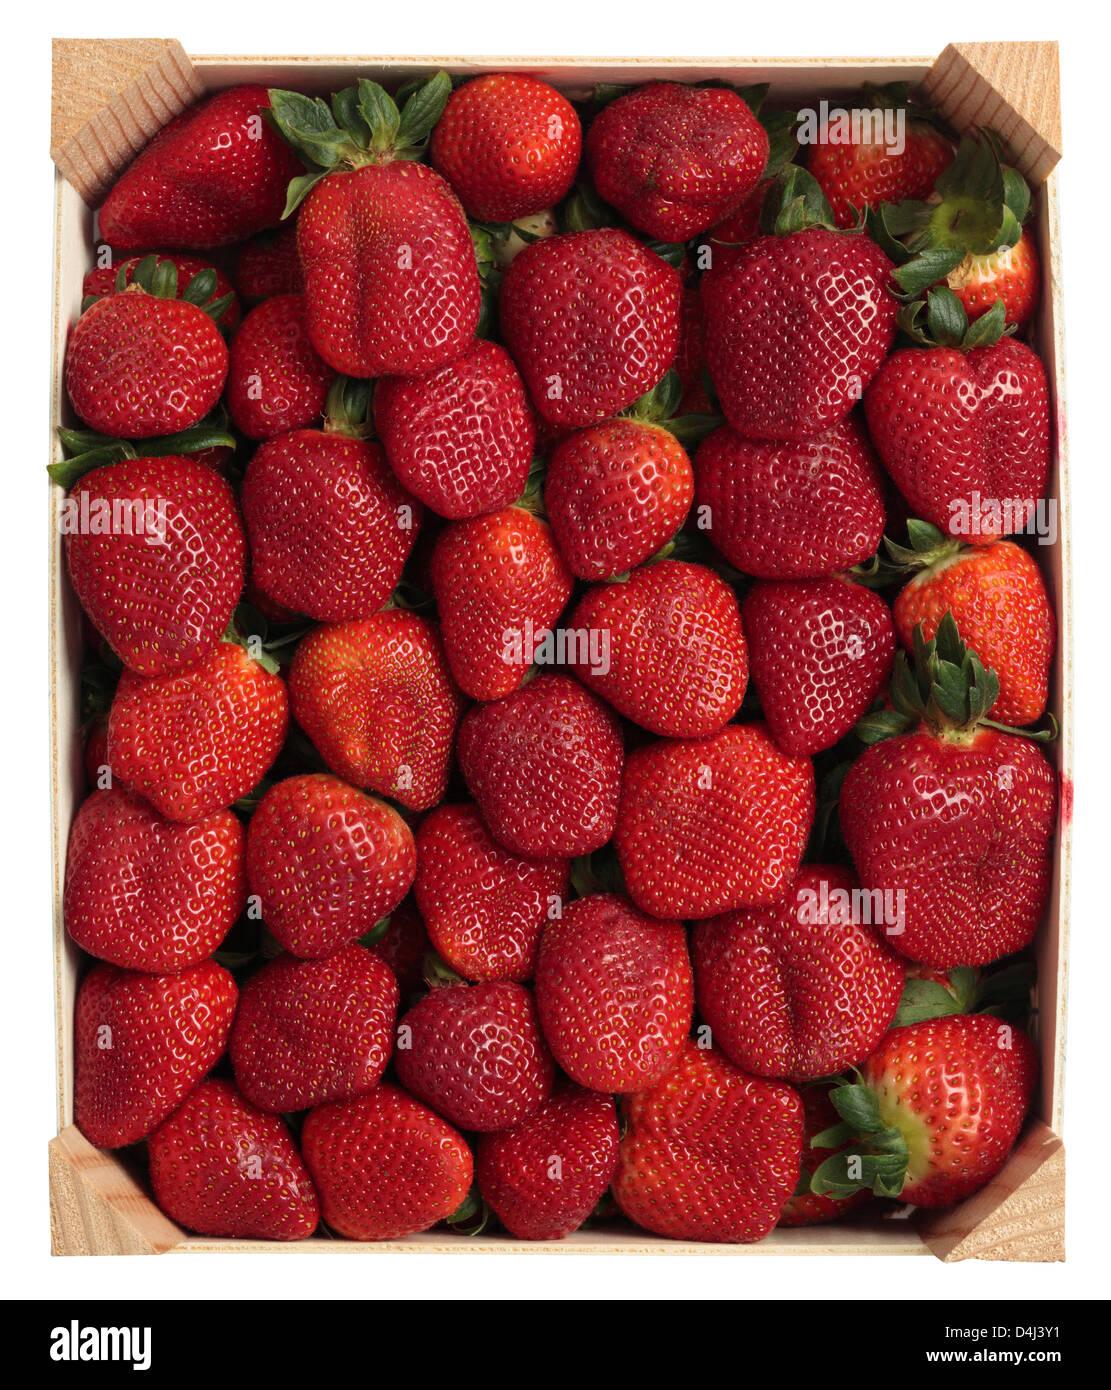 Le bac de fraises Photo Stock